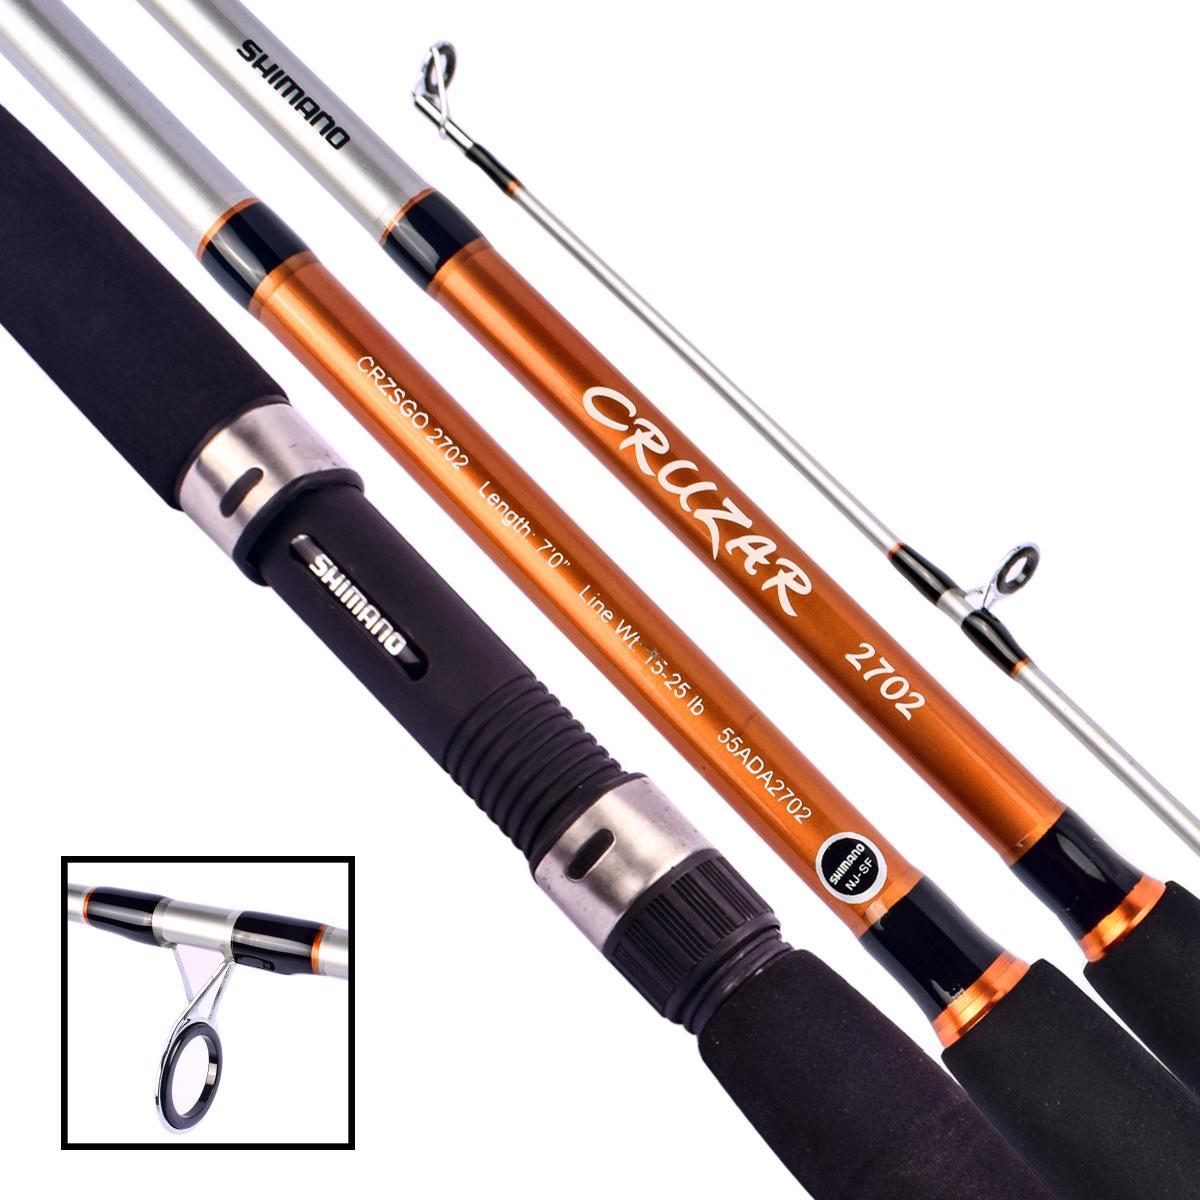 Joran Pancing SHIMANO CRUZAR SG 2702 Orange Panjang 210cm